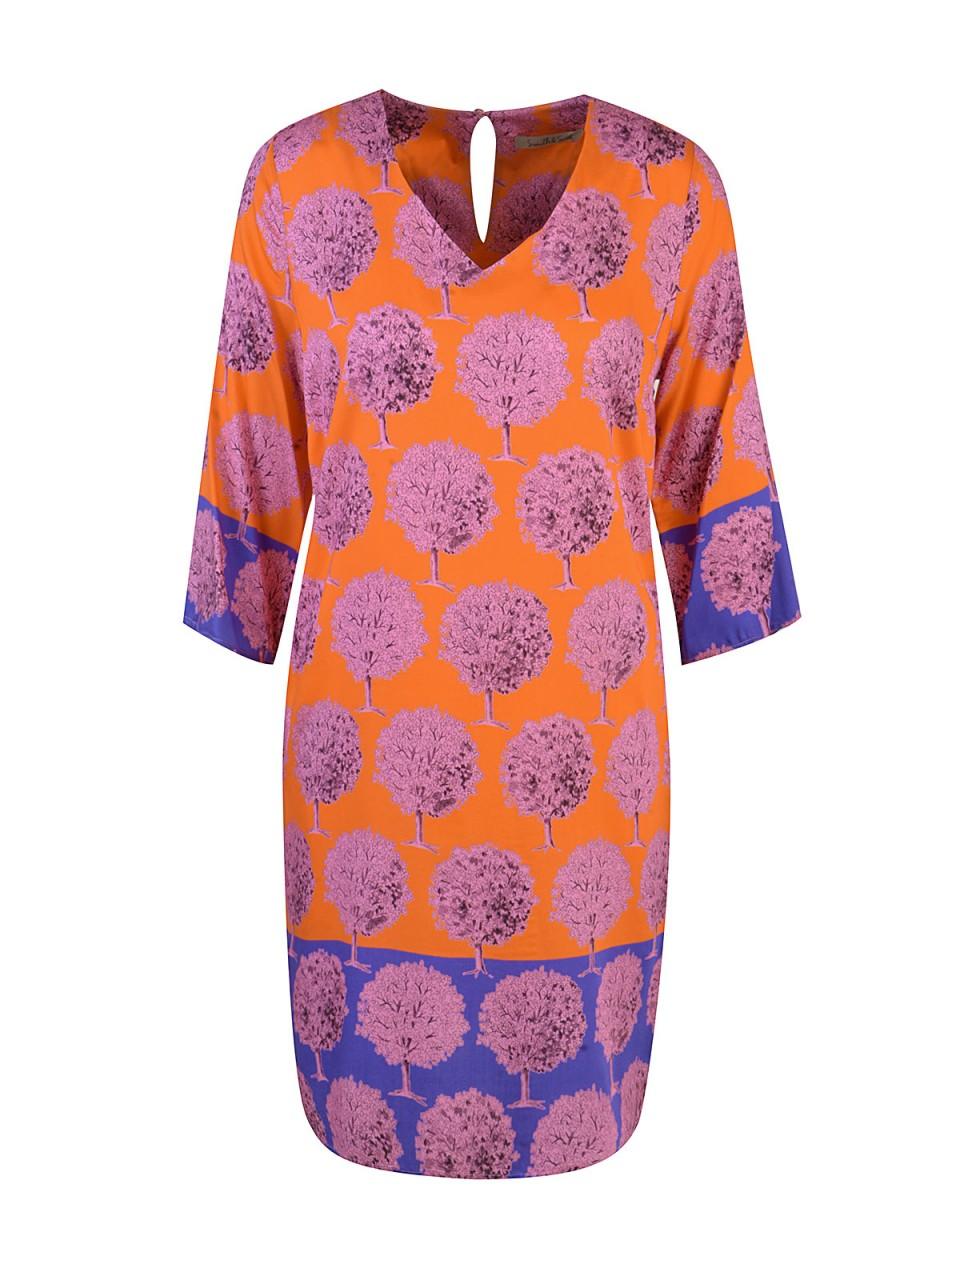 Kleider - SMITH SOUL Damen Kleid, orange  - Onlineshop Designermode.com